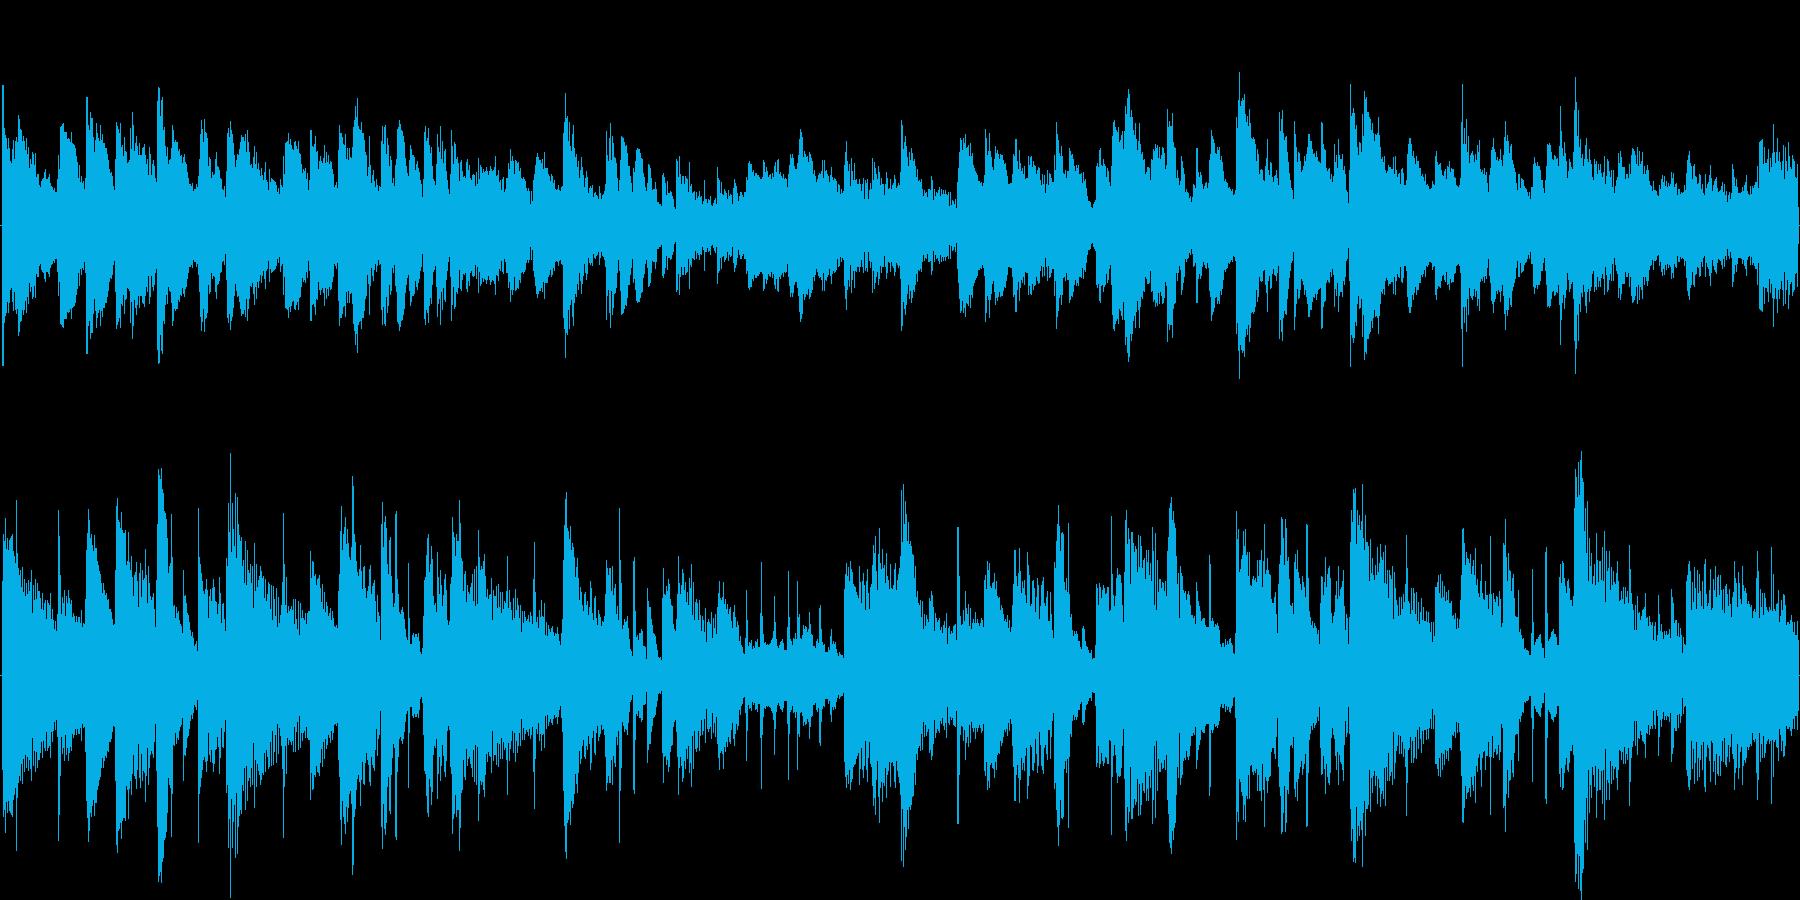 ブランドイメージCMに最適な爽やかな楽曲の再生済みの波形